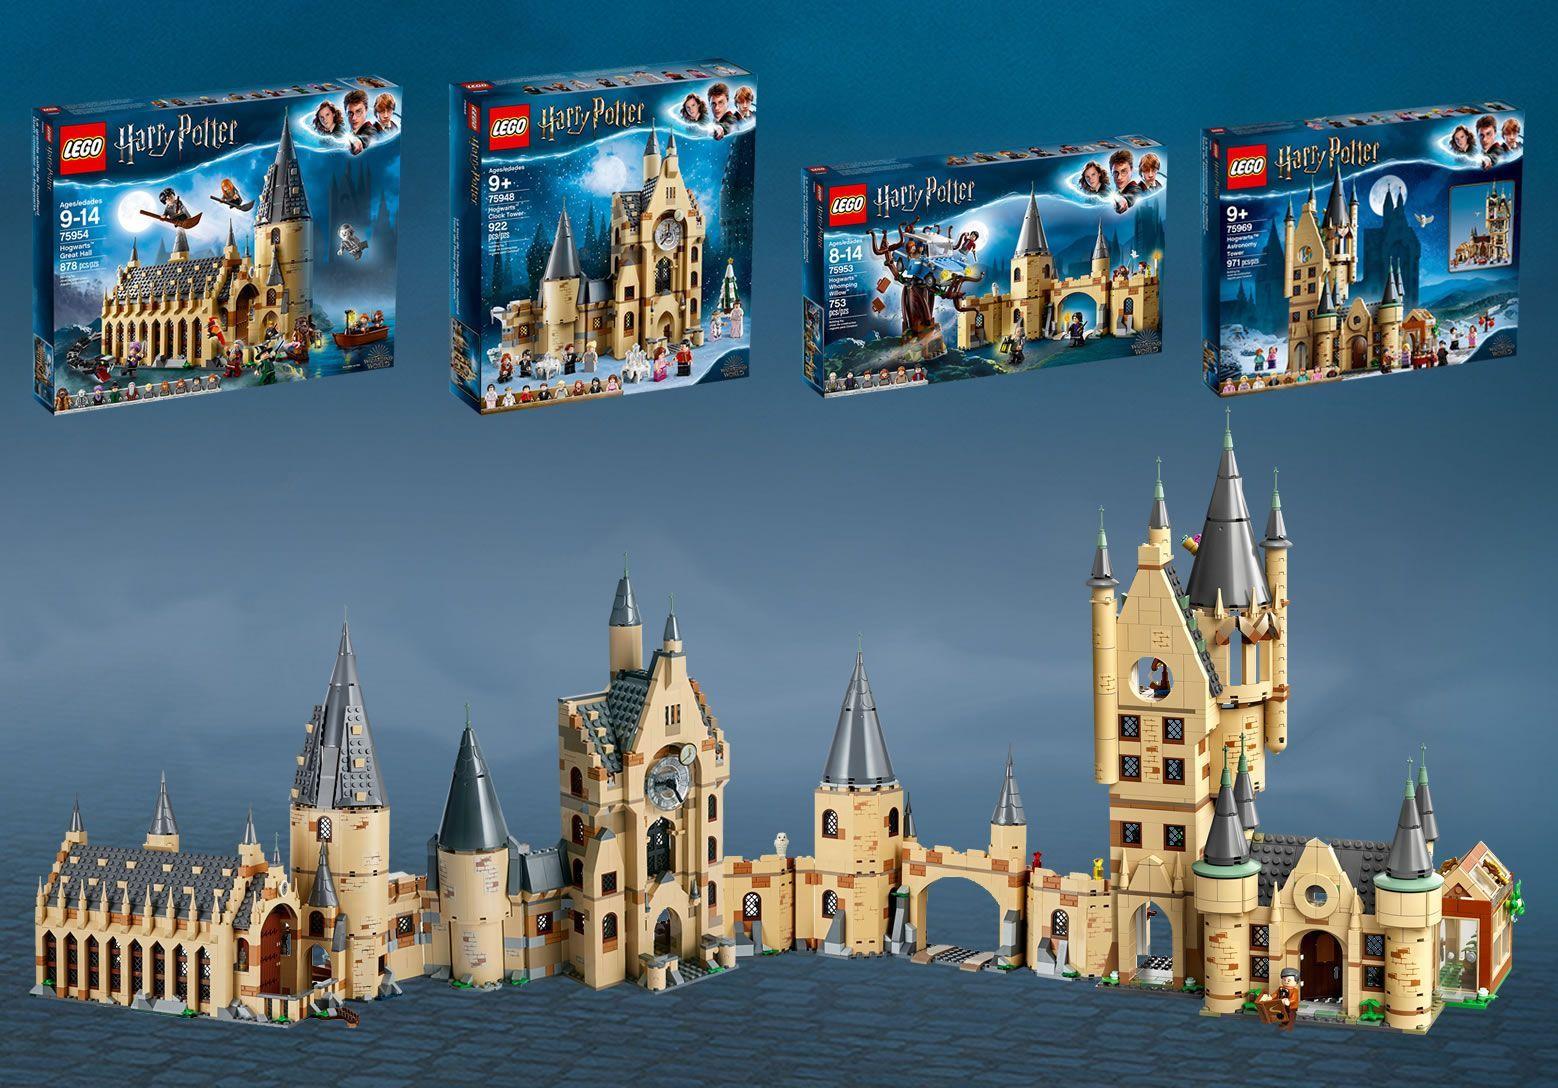 Pin On Lego In 2020 Lego Harry Potter Moc Lego Harry Potter Harry Potter Lego Sets